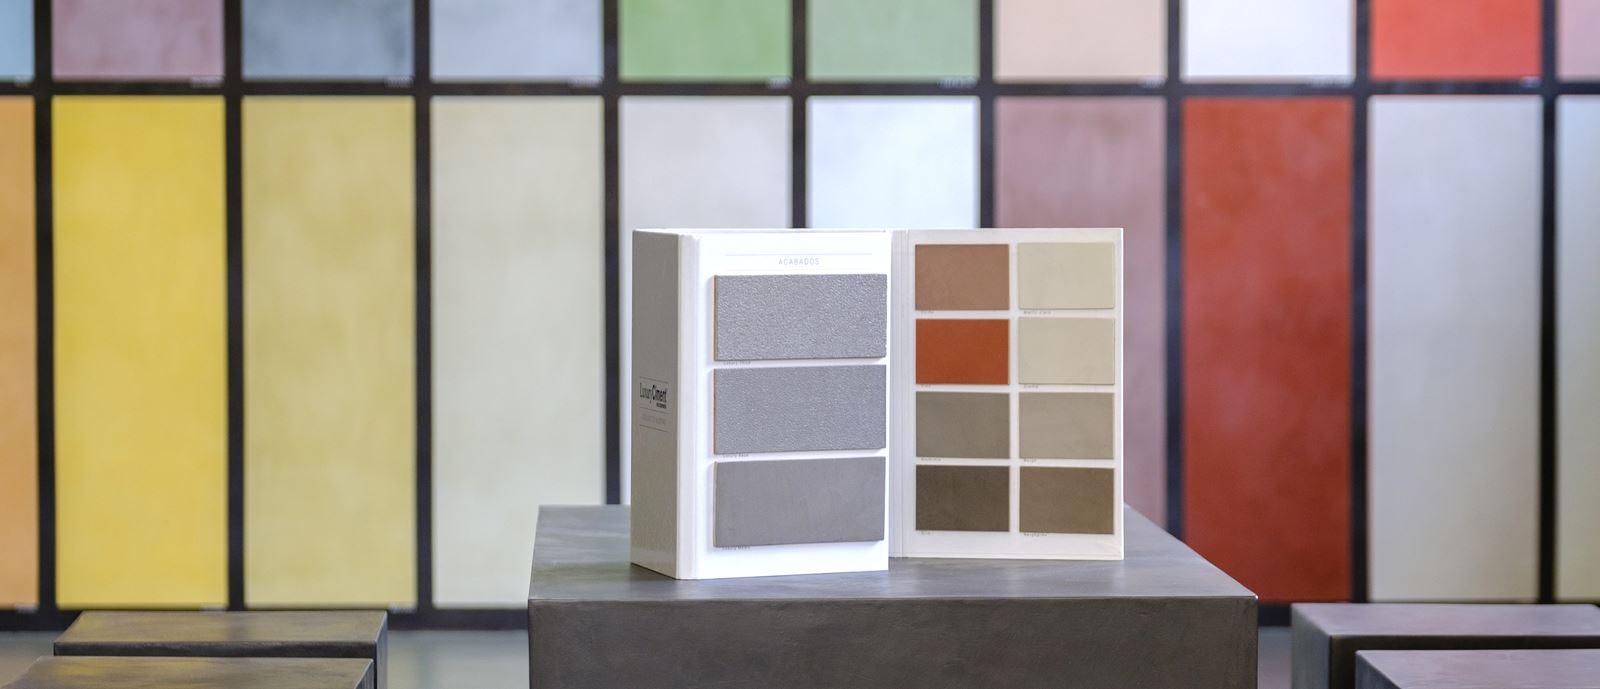 carta de colores Luxuryciment